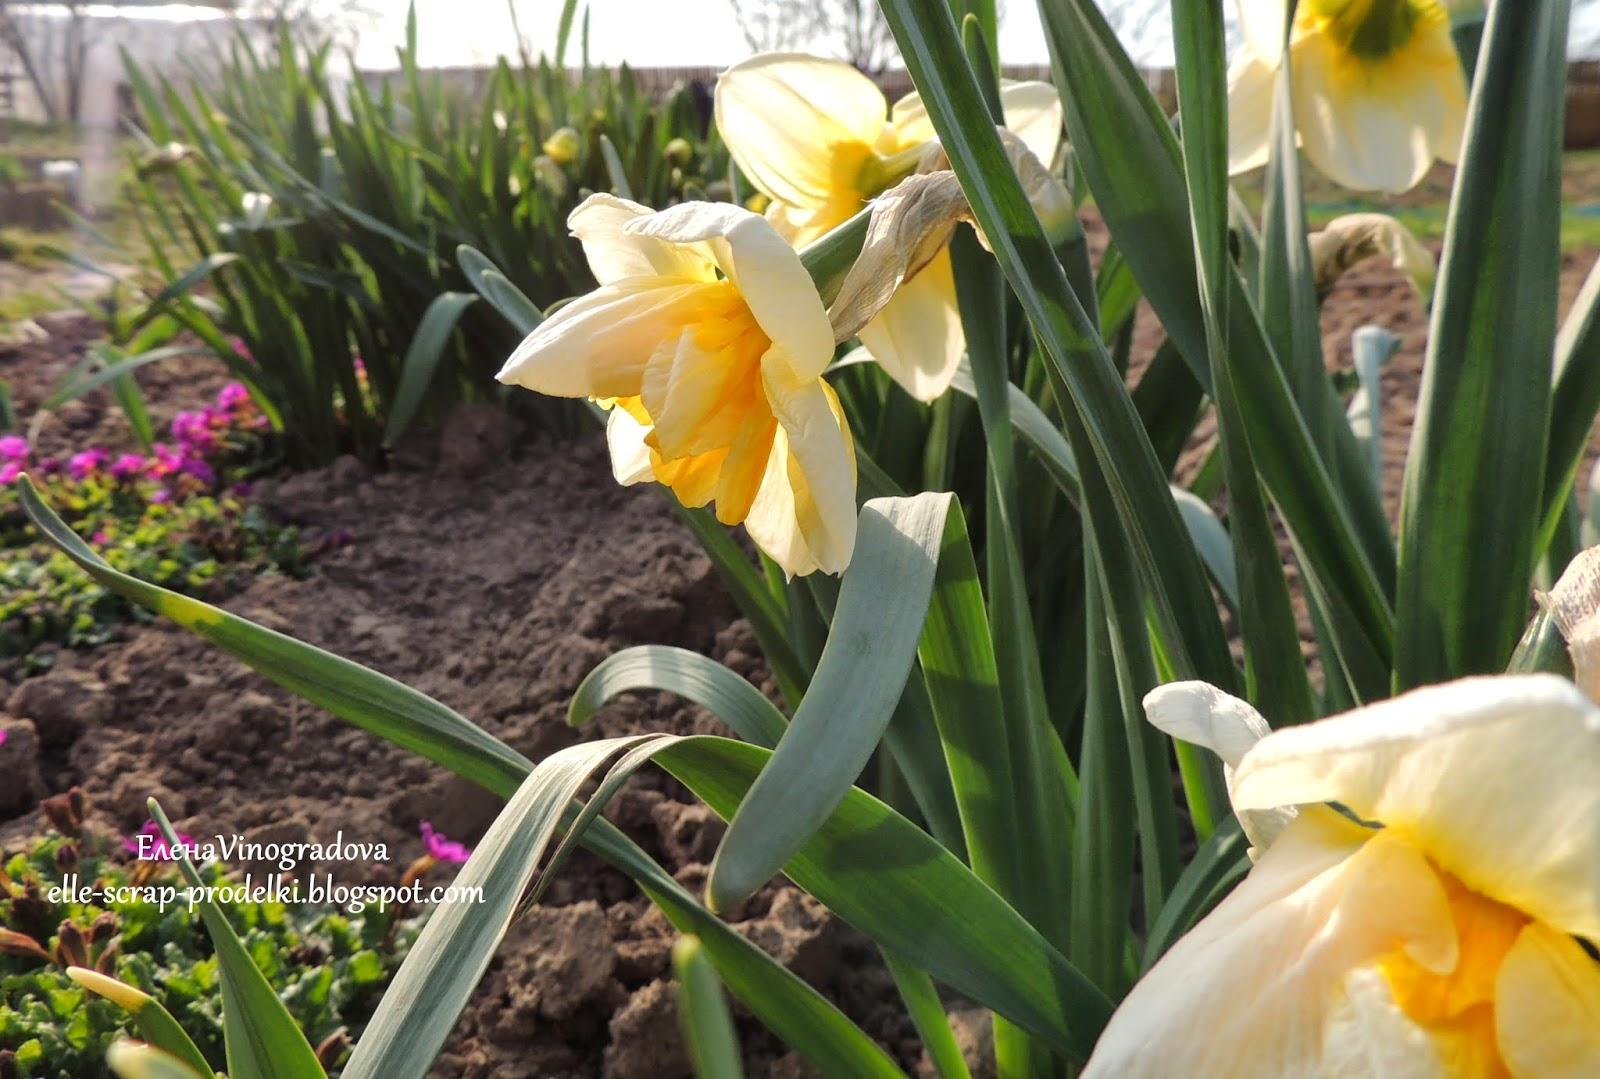 ЕленаVinogradova. Цветы нашего сада #8